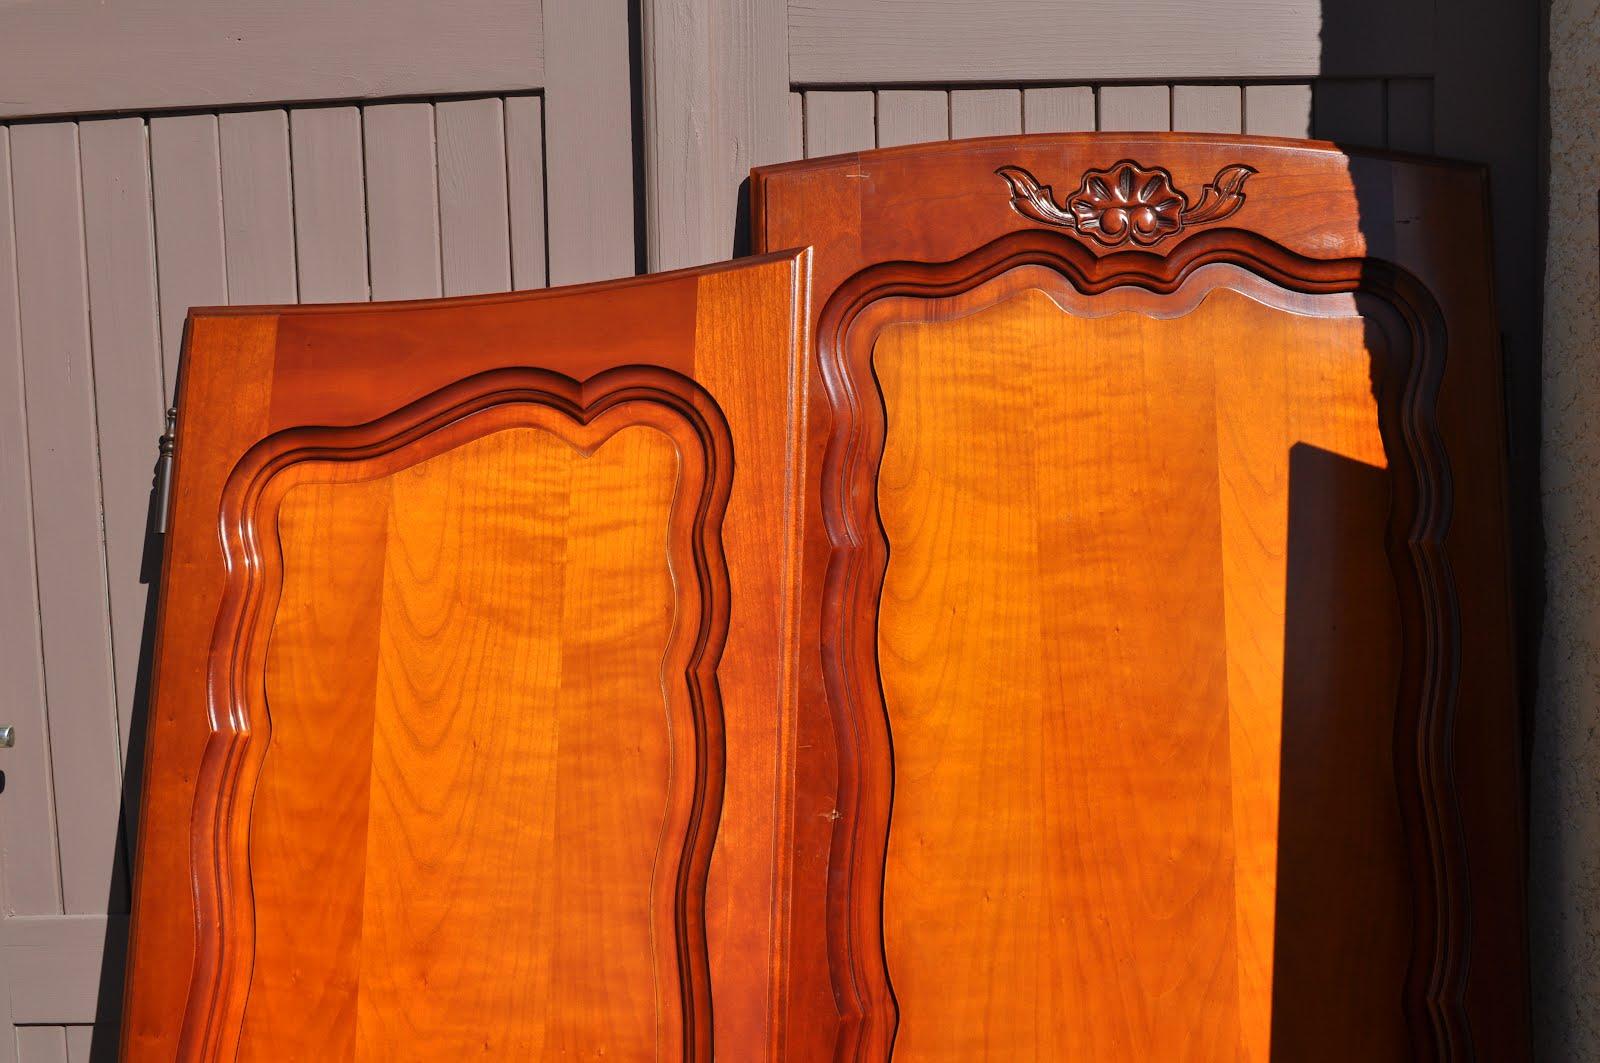 Peindre une armoire en bois vernis atelier retouche paris - Comment repeindre un meuble sans le poncer ...